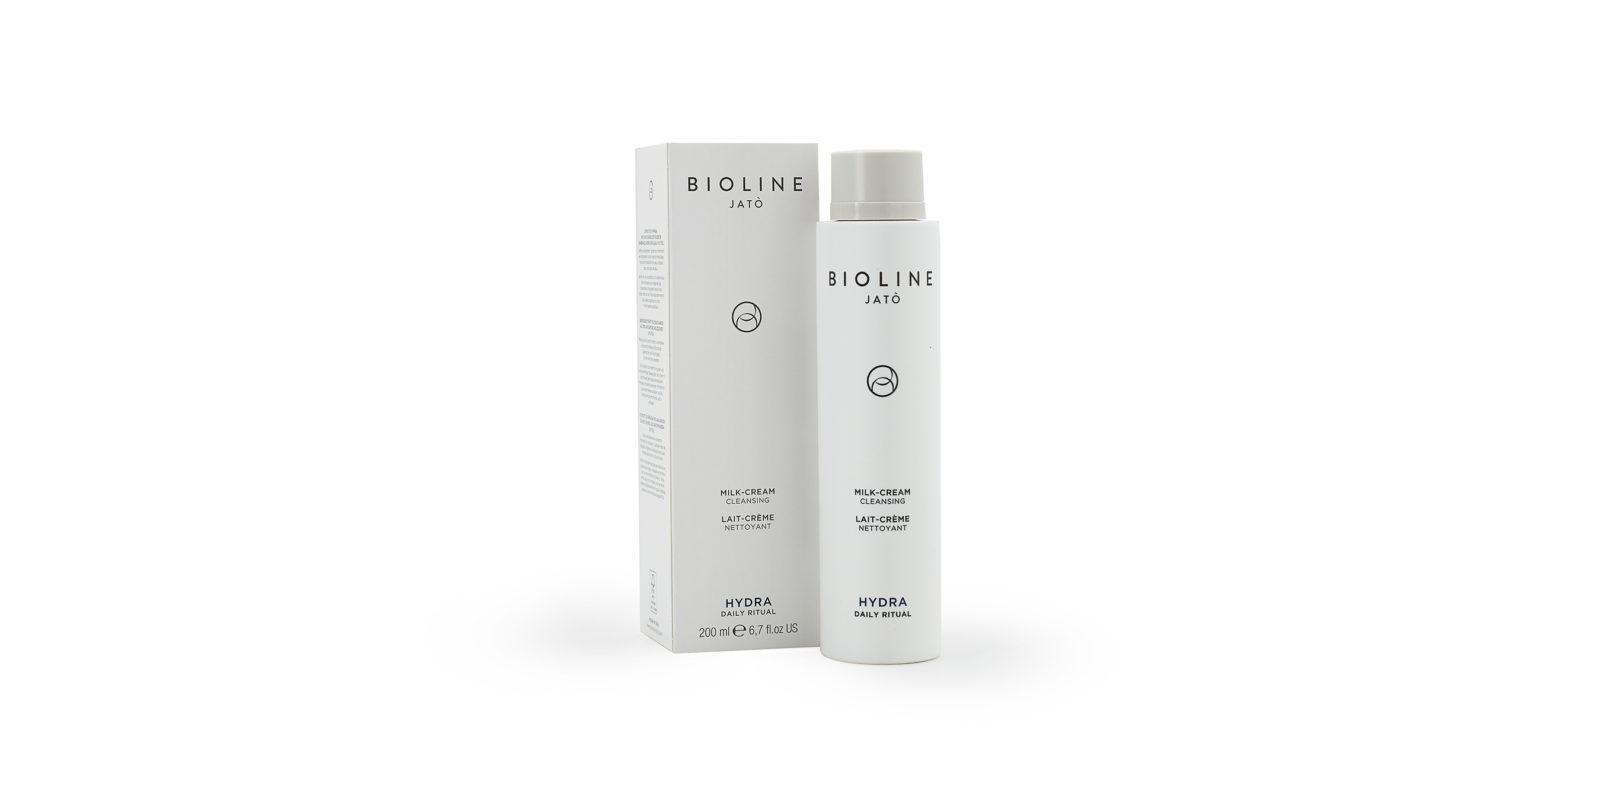 Bioline Jatò Hydra Daily Ritual Milk-Cream Cleansing